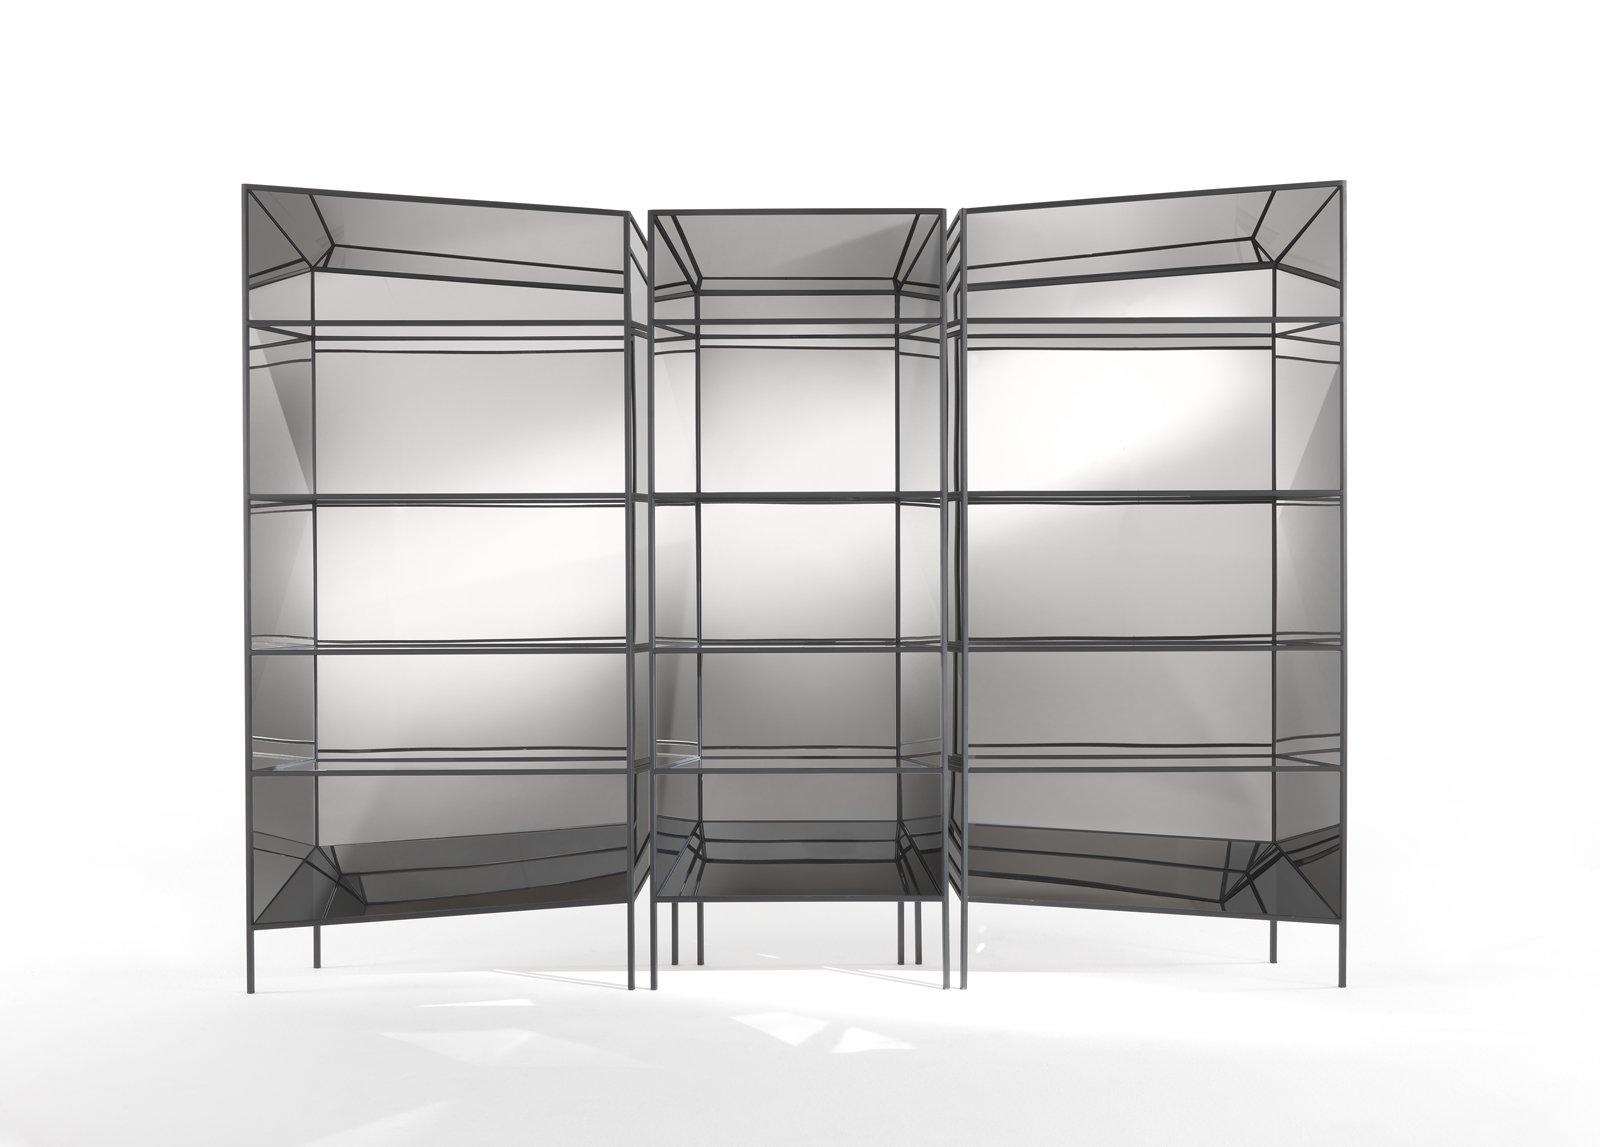 kleine schwarze metall vitrine von sam baron f r jcp 2017 bei pamono kaufen. Black Bedroom Furniture Sets. Home Design Ideas